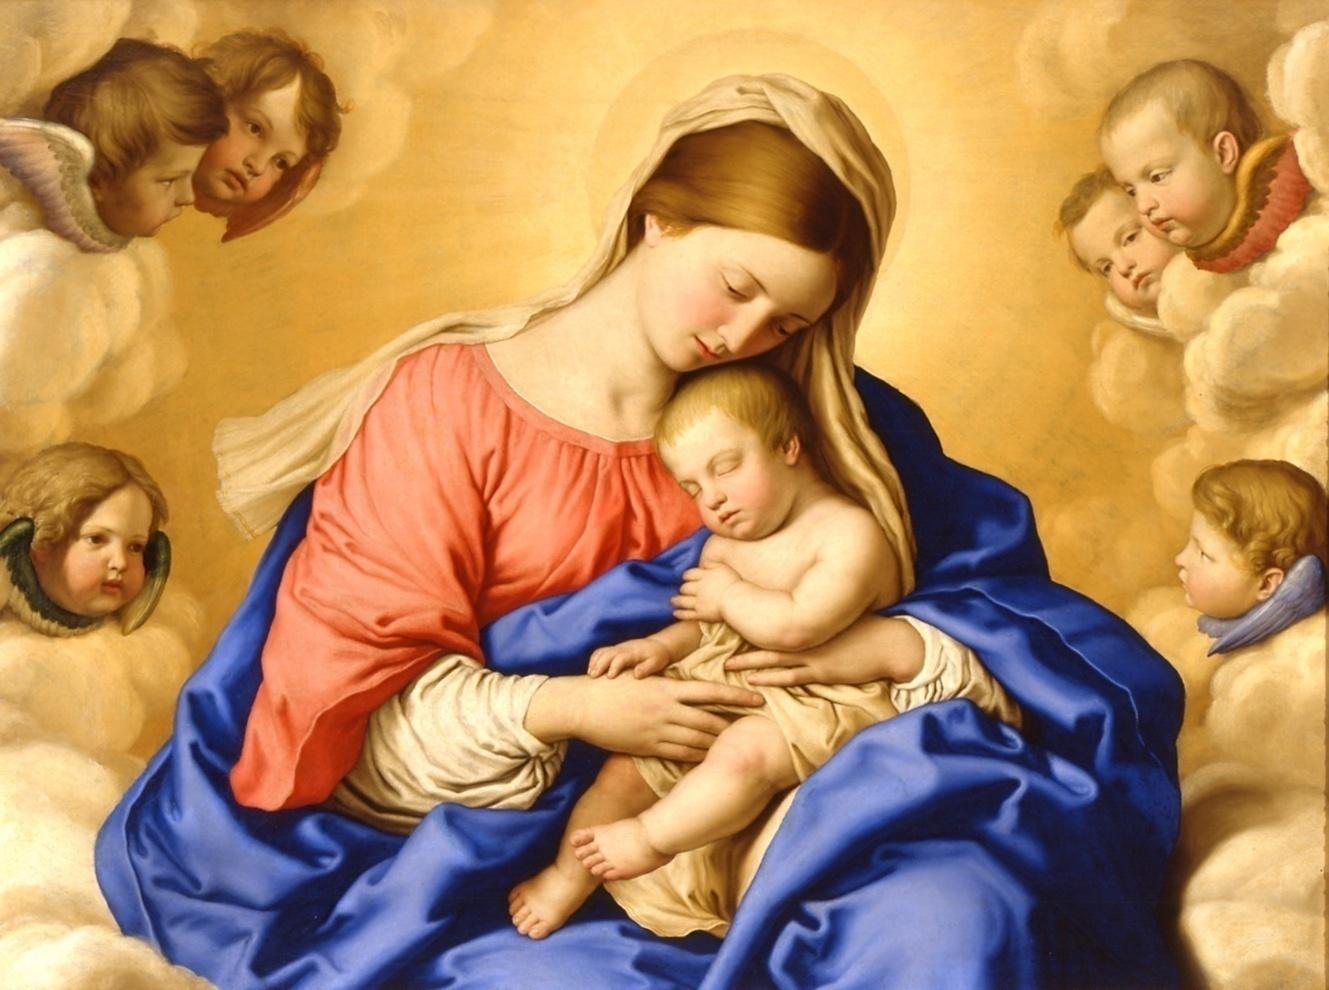 La Mamma celeste e il suo infinito amore per noi suoi figli